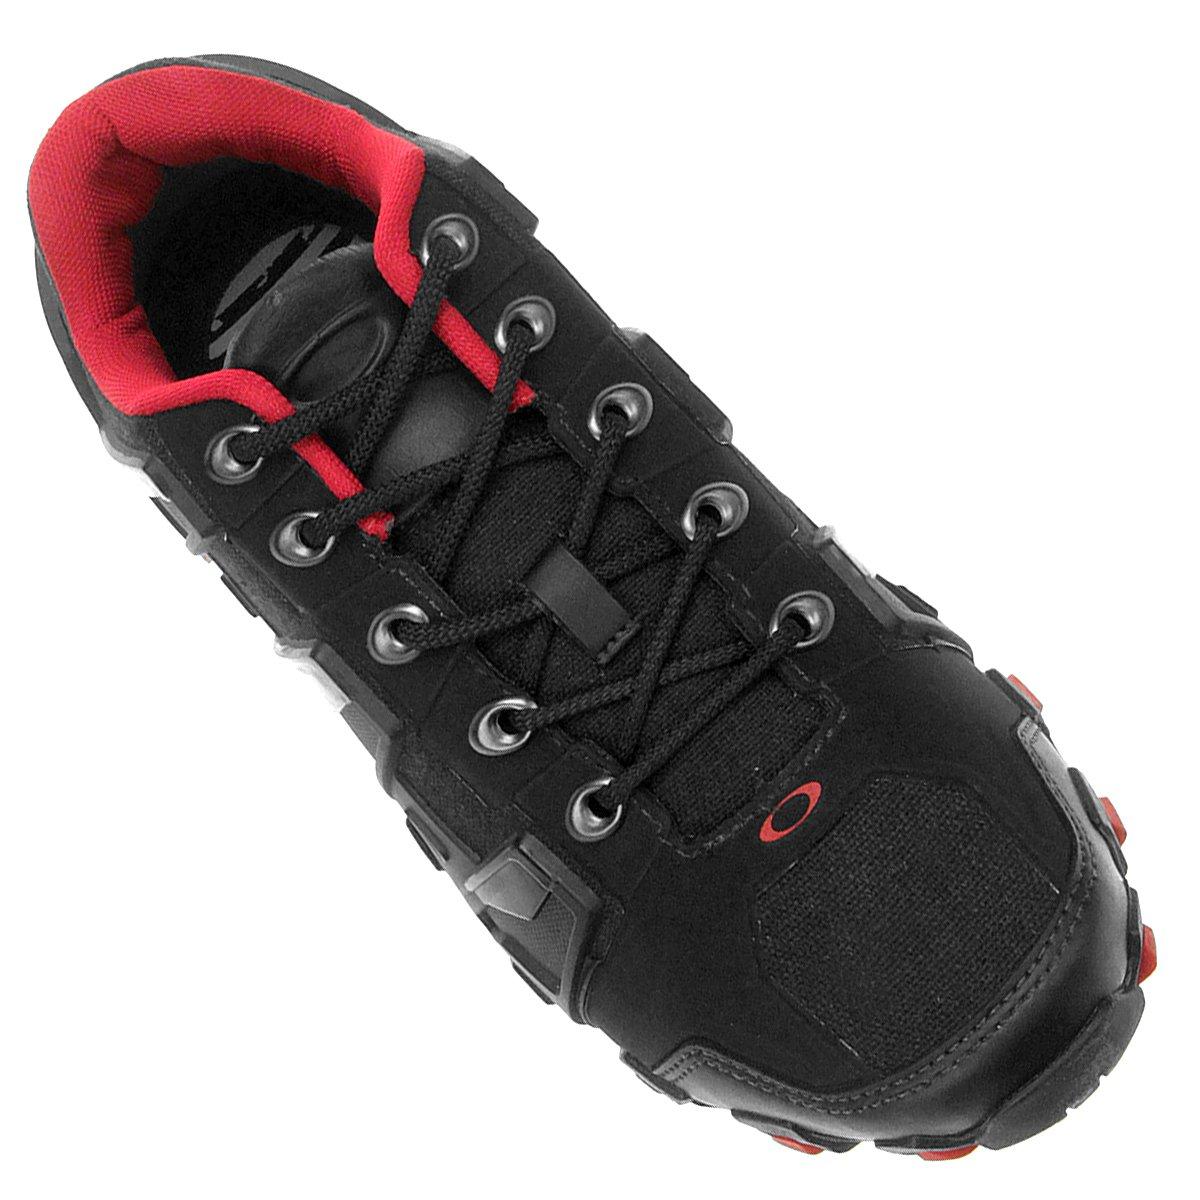 Tênis Oakley Hardshell - Preto e Vermelho - Compre Agora   Netshoes 2488e357ee